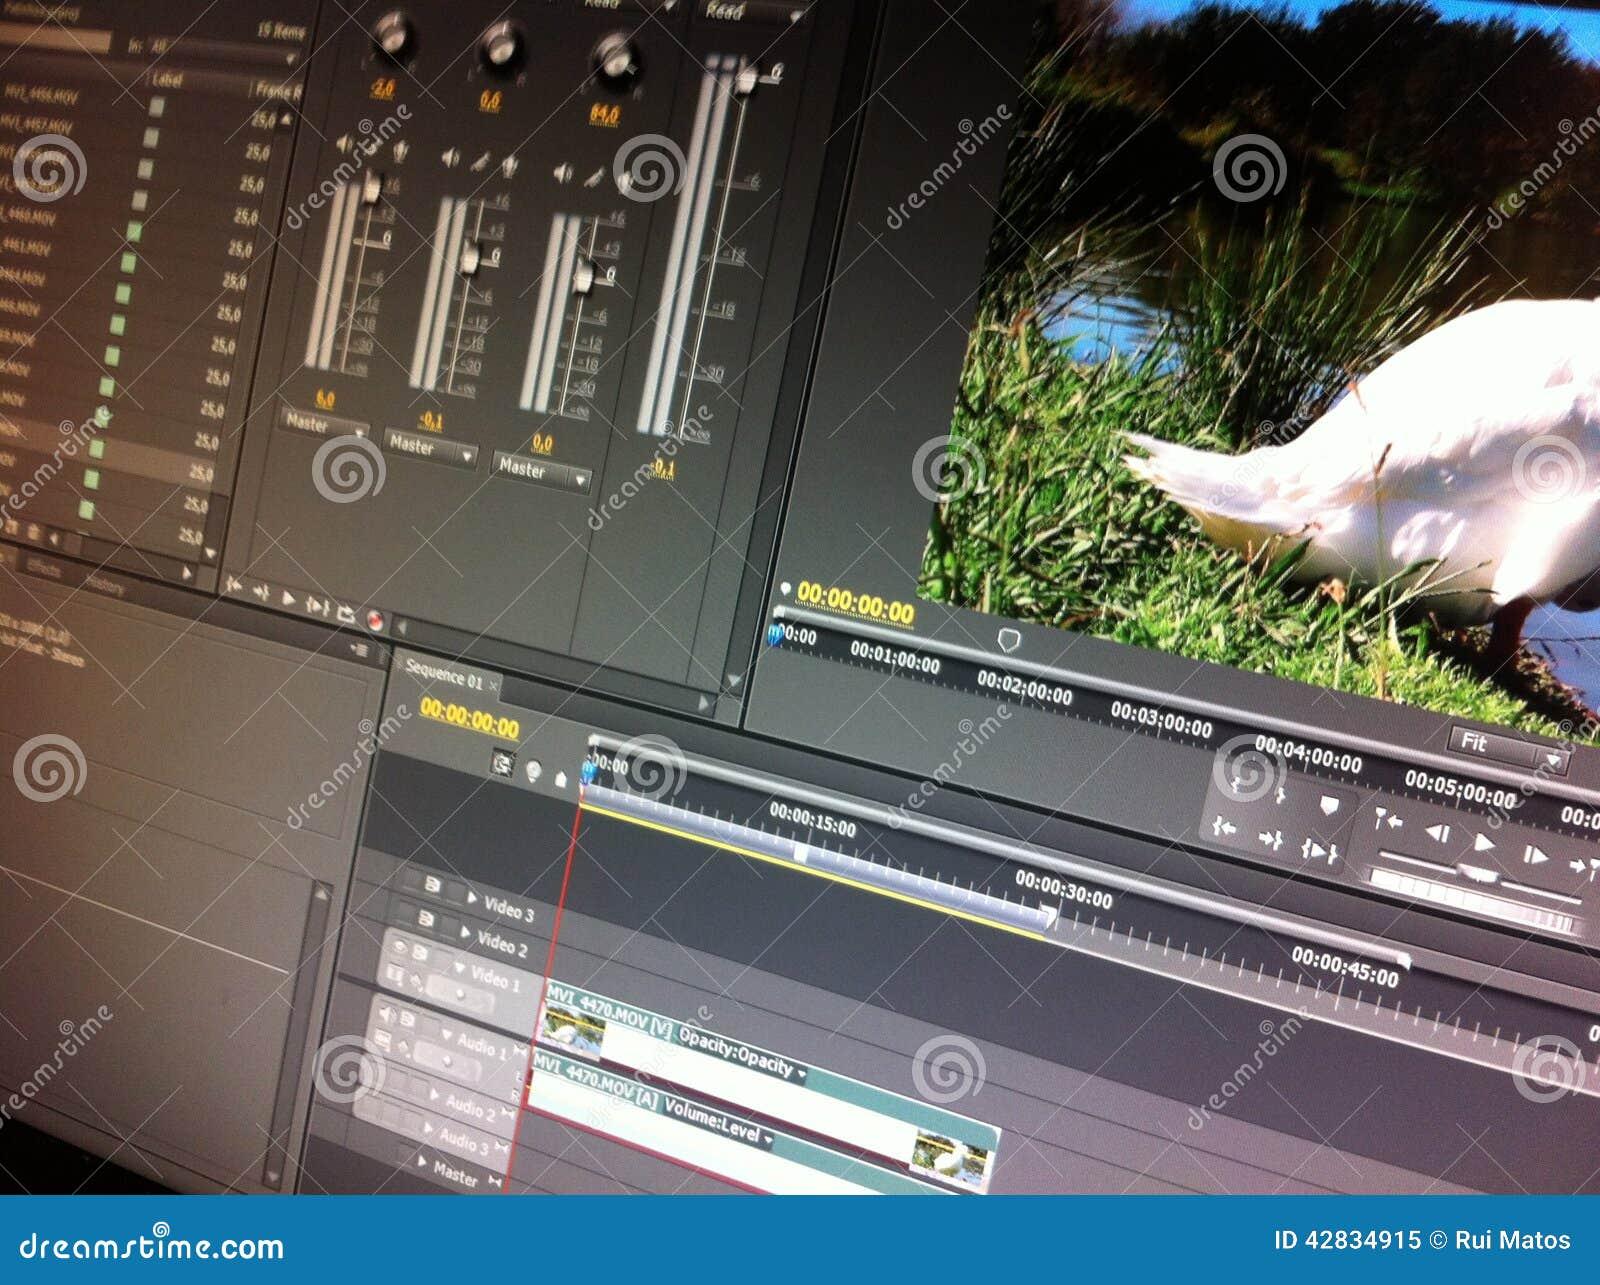 Videobearbeitungs-Software